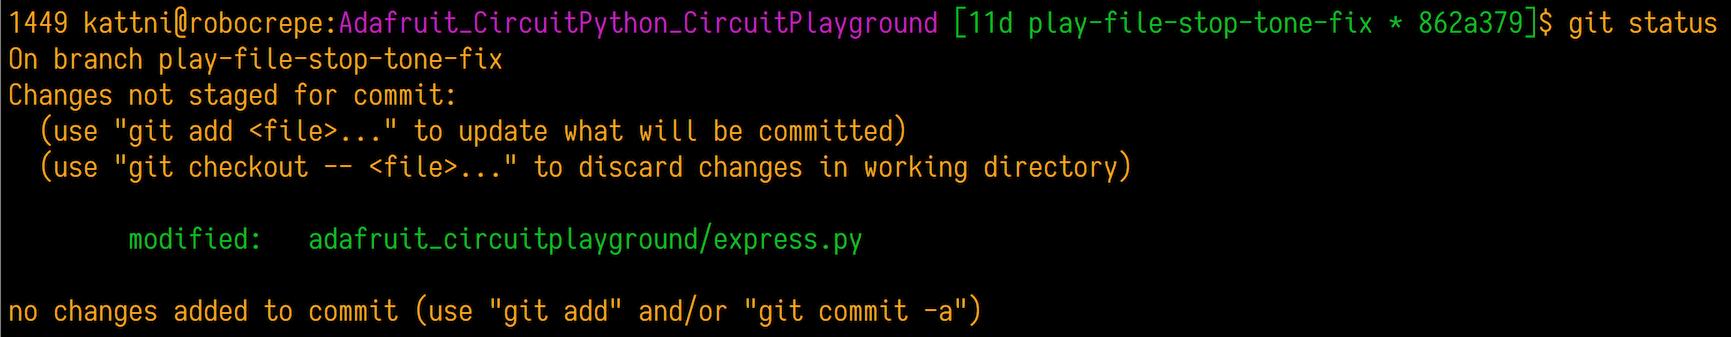 circuitpython_GitStatus.png